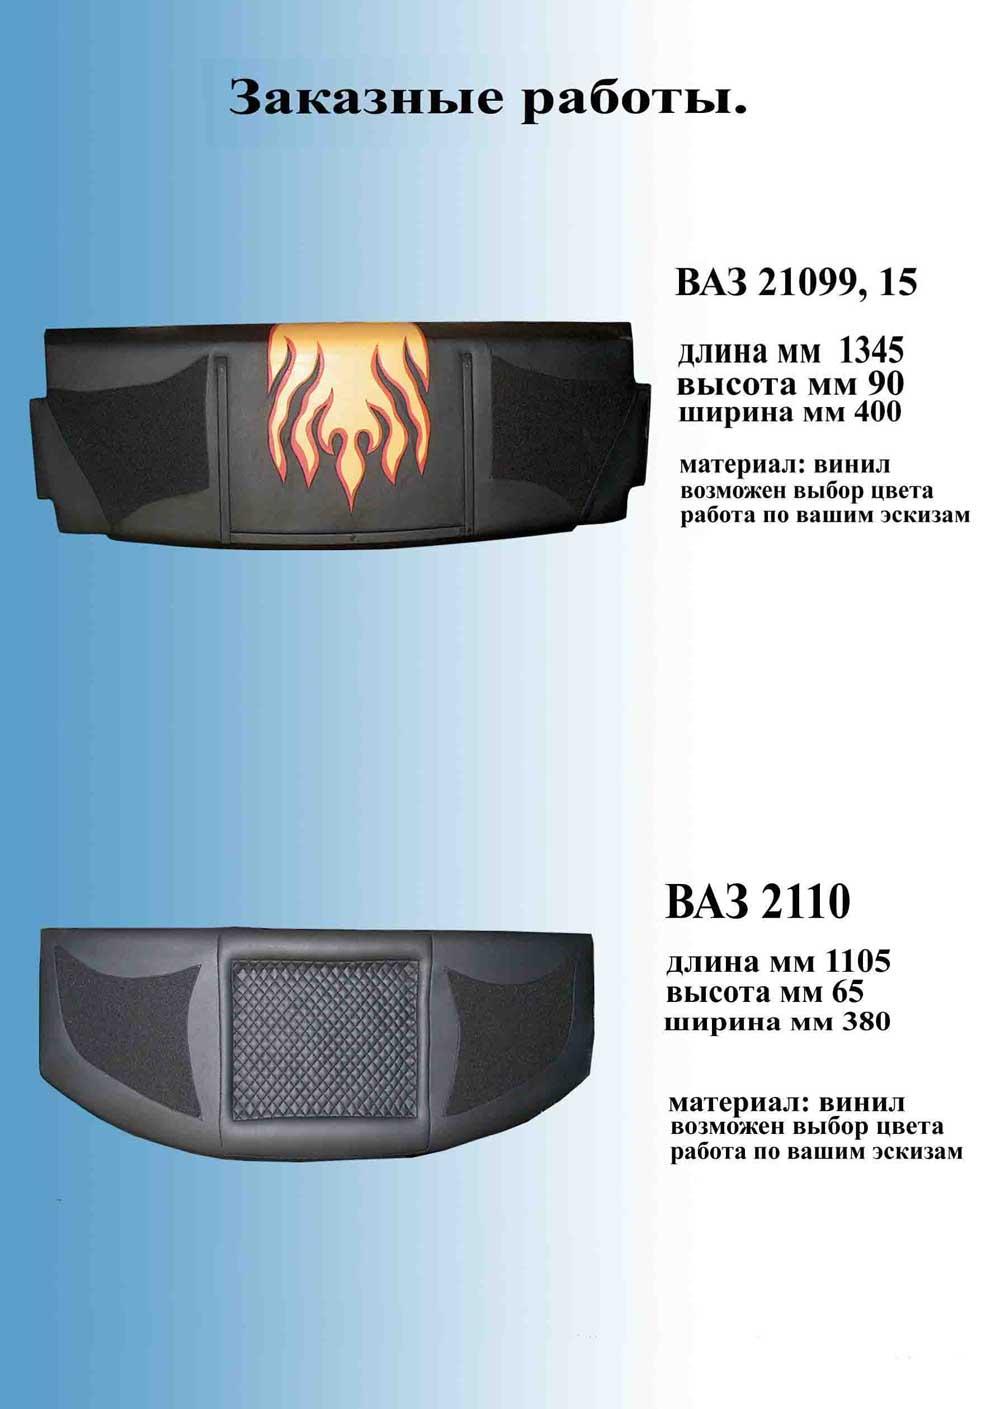 Полка для ВАЗ Приора Седан изготовление и продажа / Полки для установки акустики